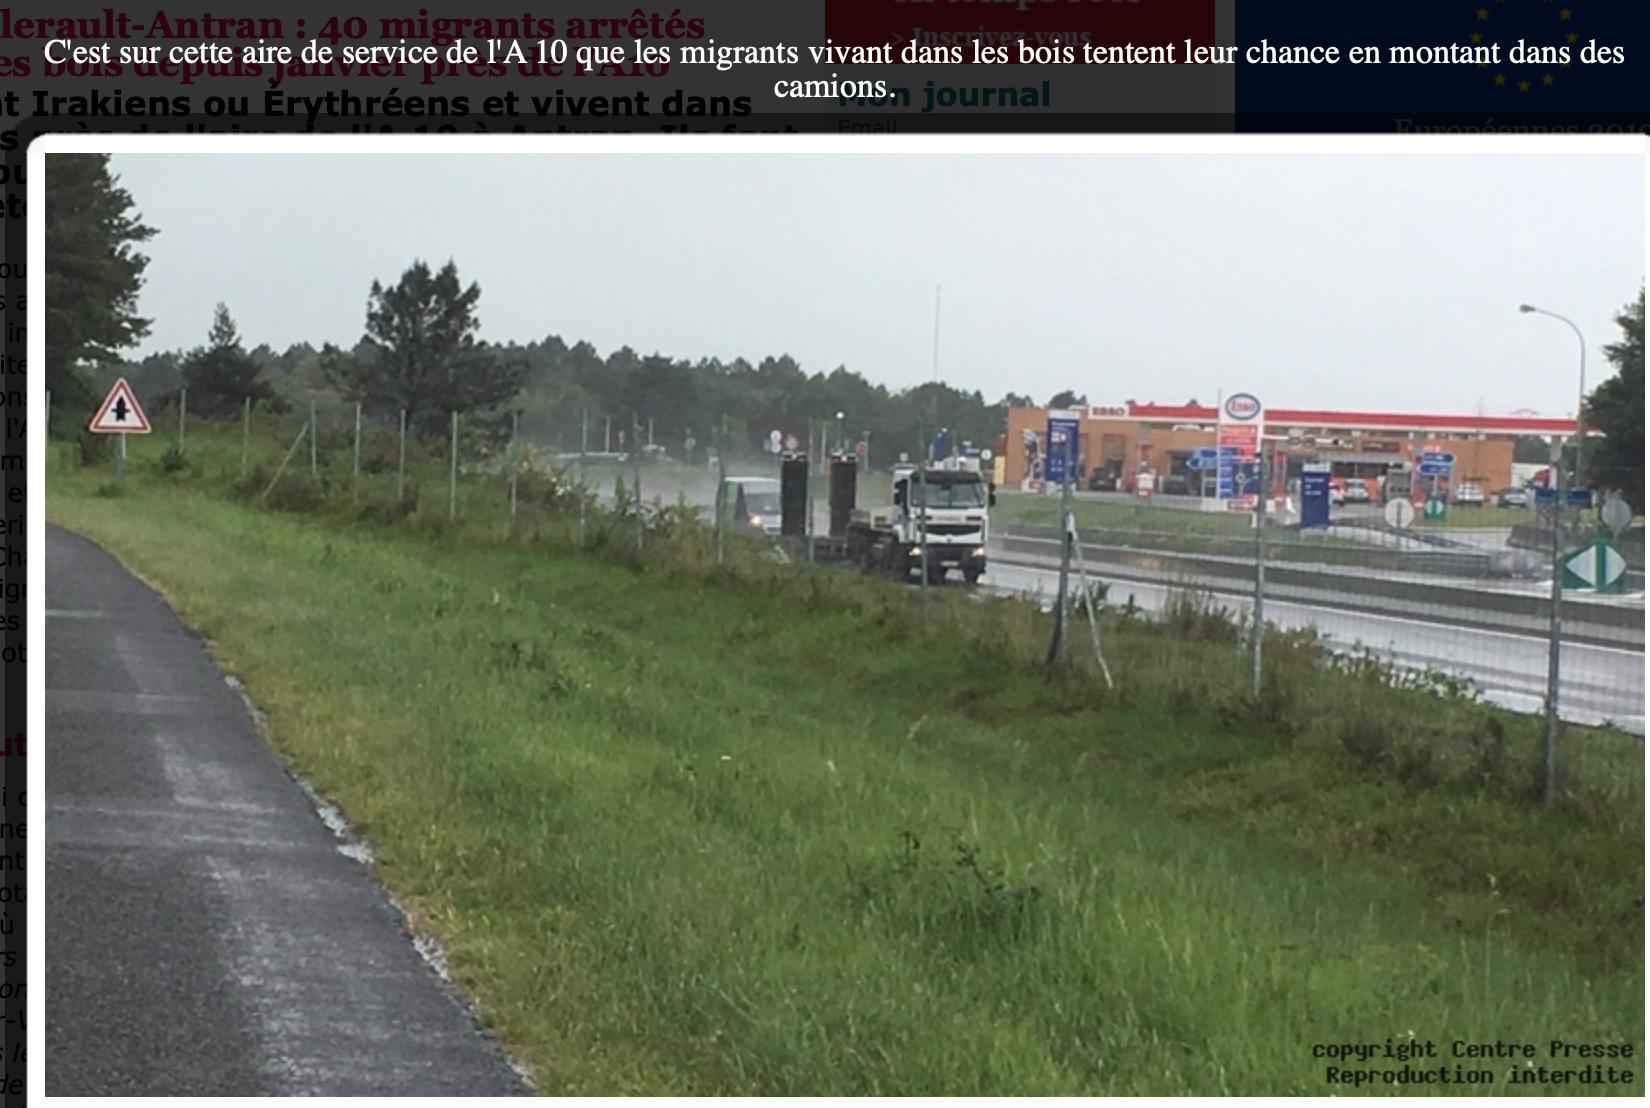 La France sous Macron : passeurs irakiens en berline allemande, clandestins sur les aires d'autoroute…